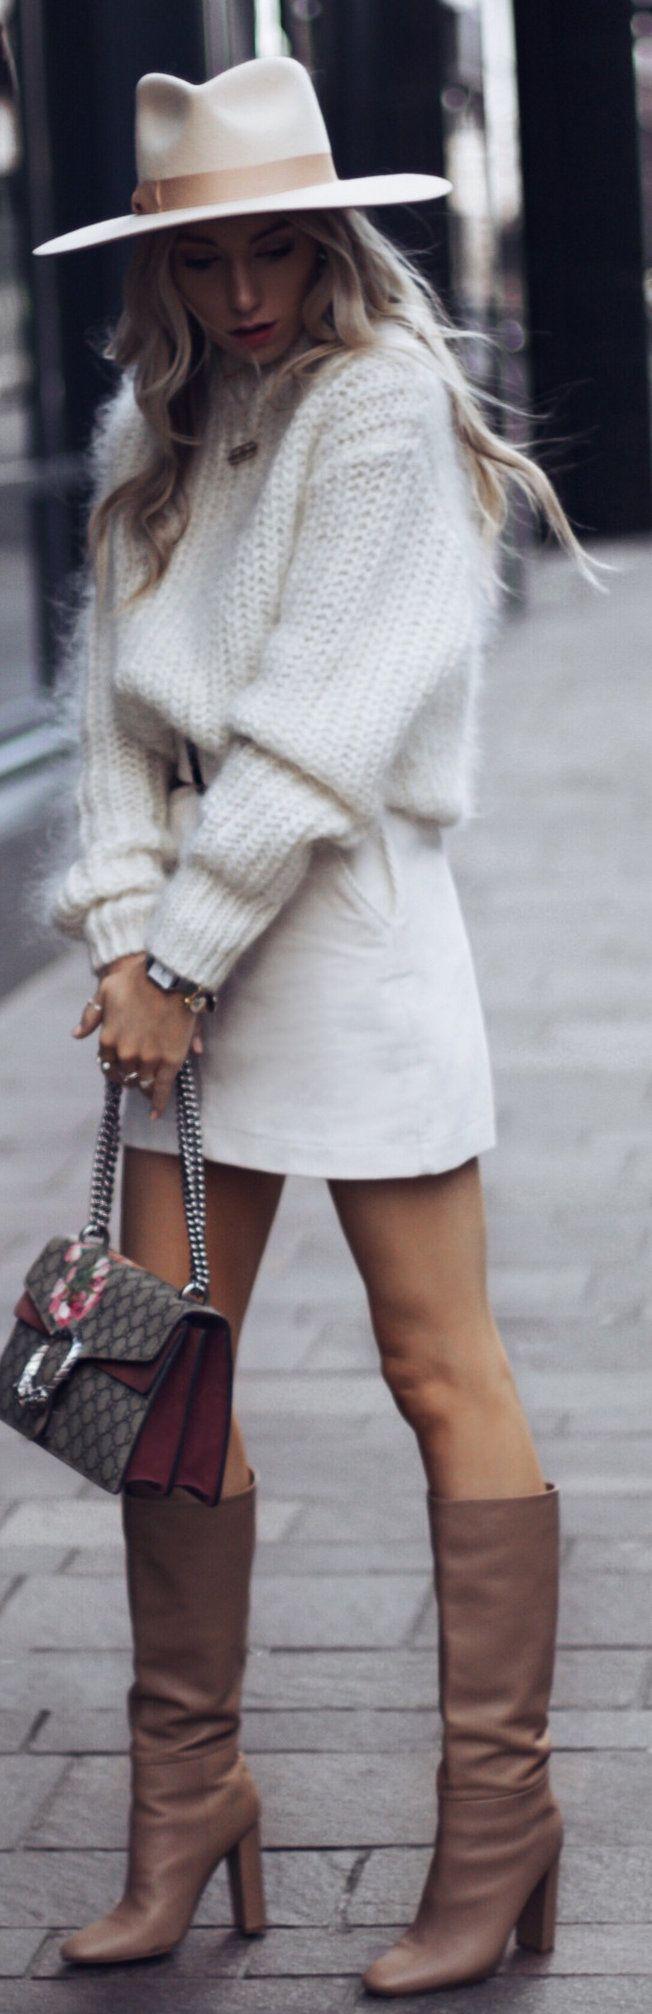 white miniskirt